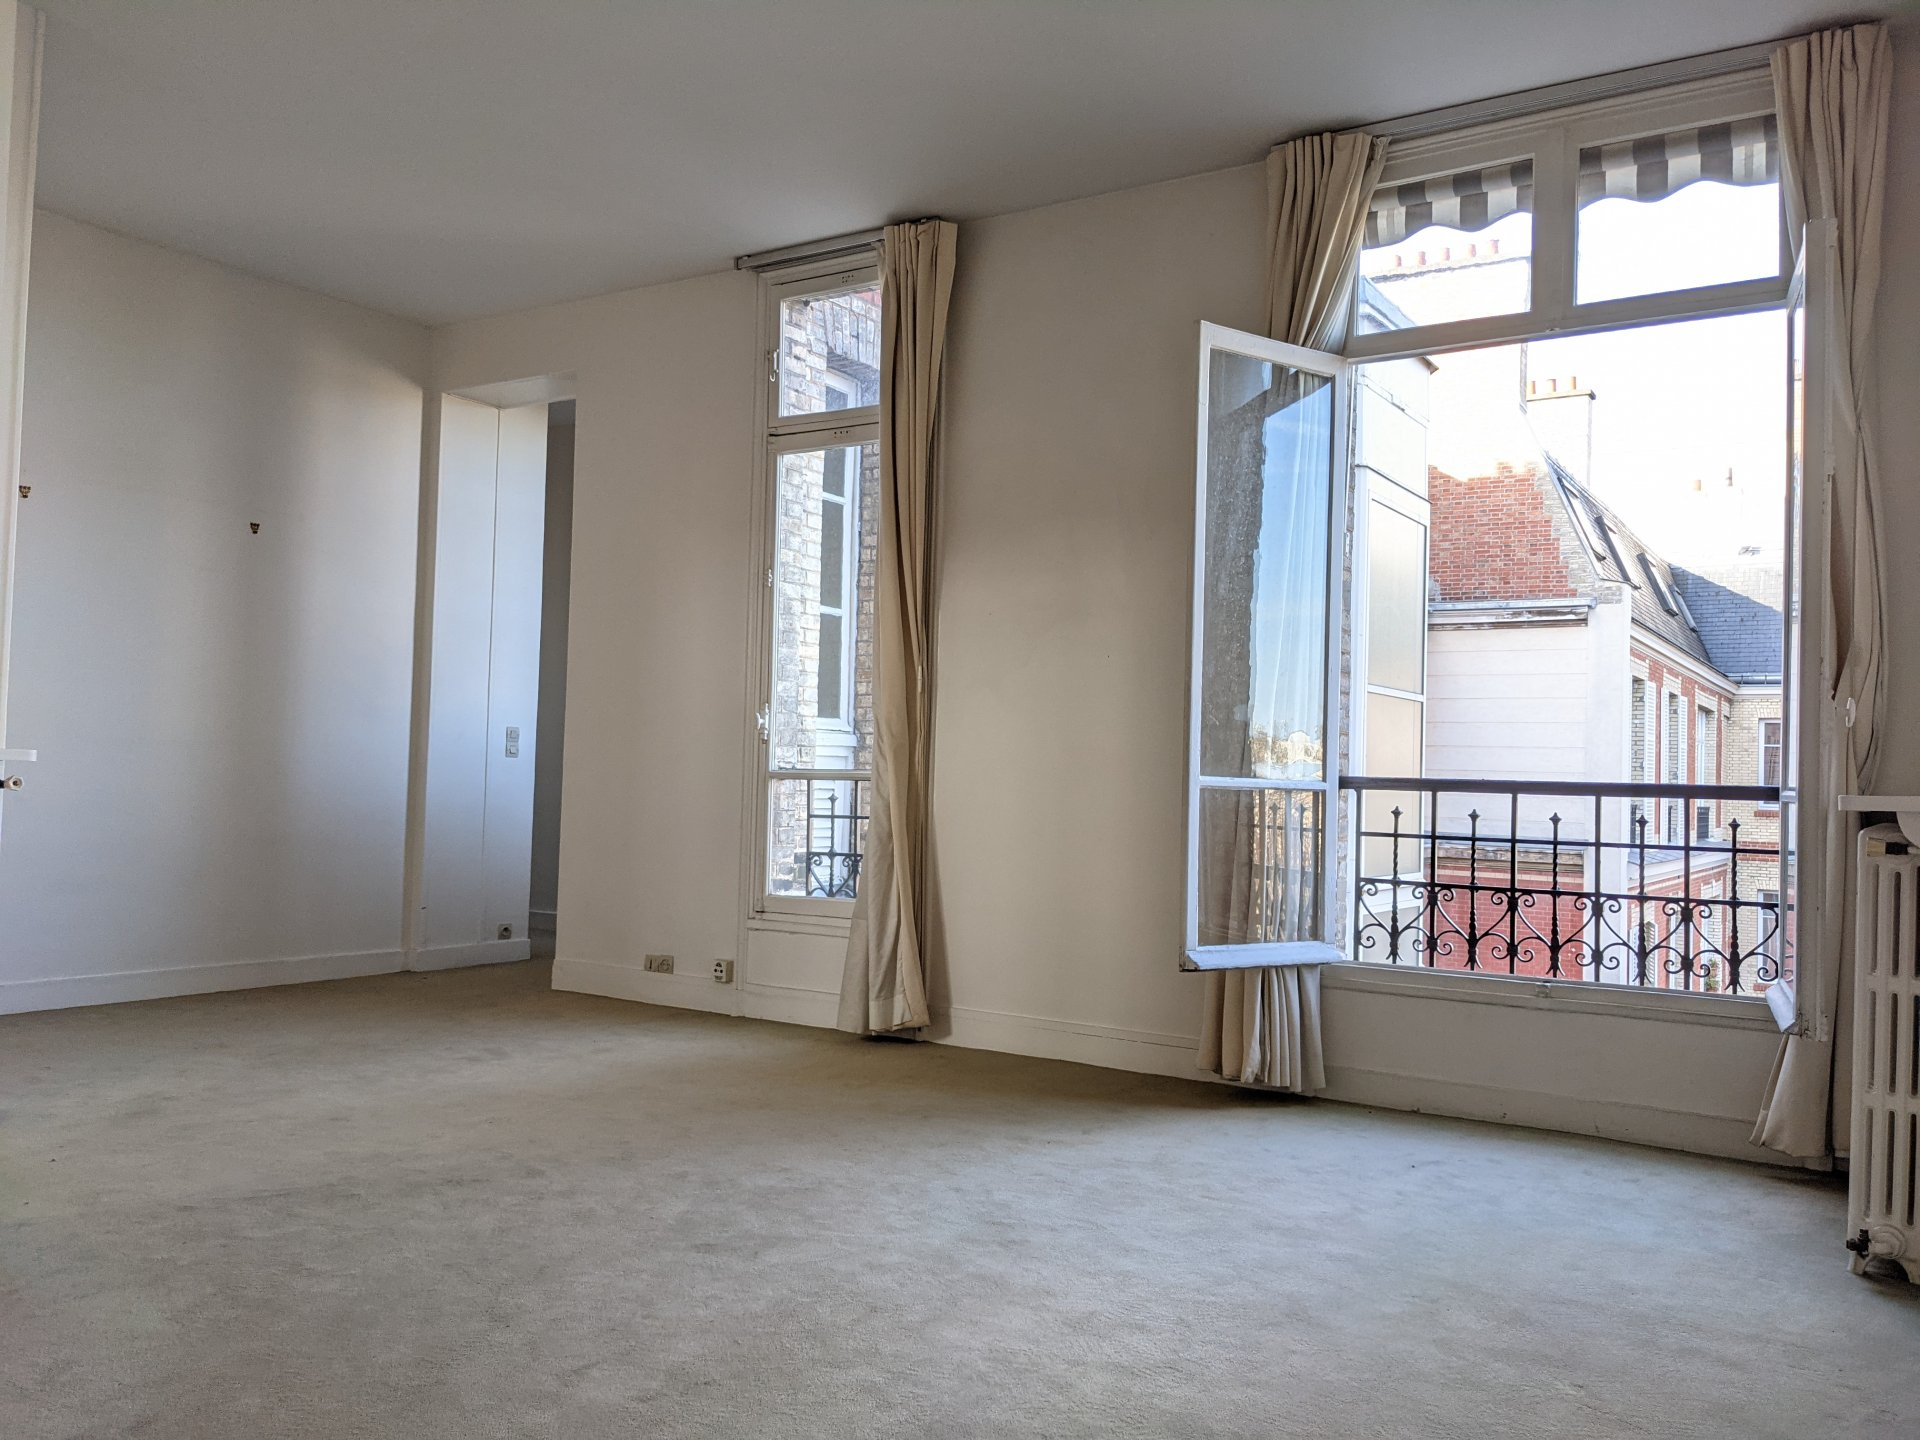 Appartement 2 pièces 54 m² 75007